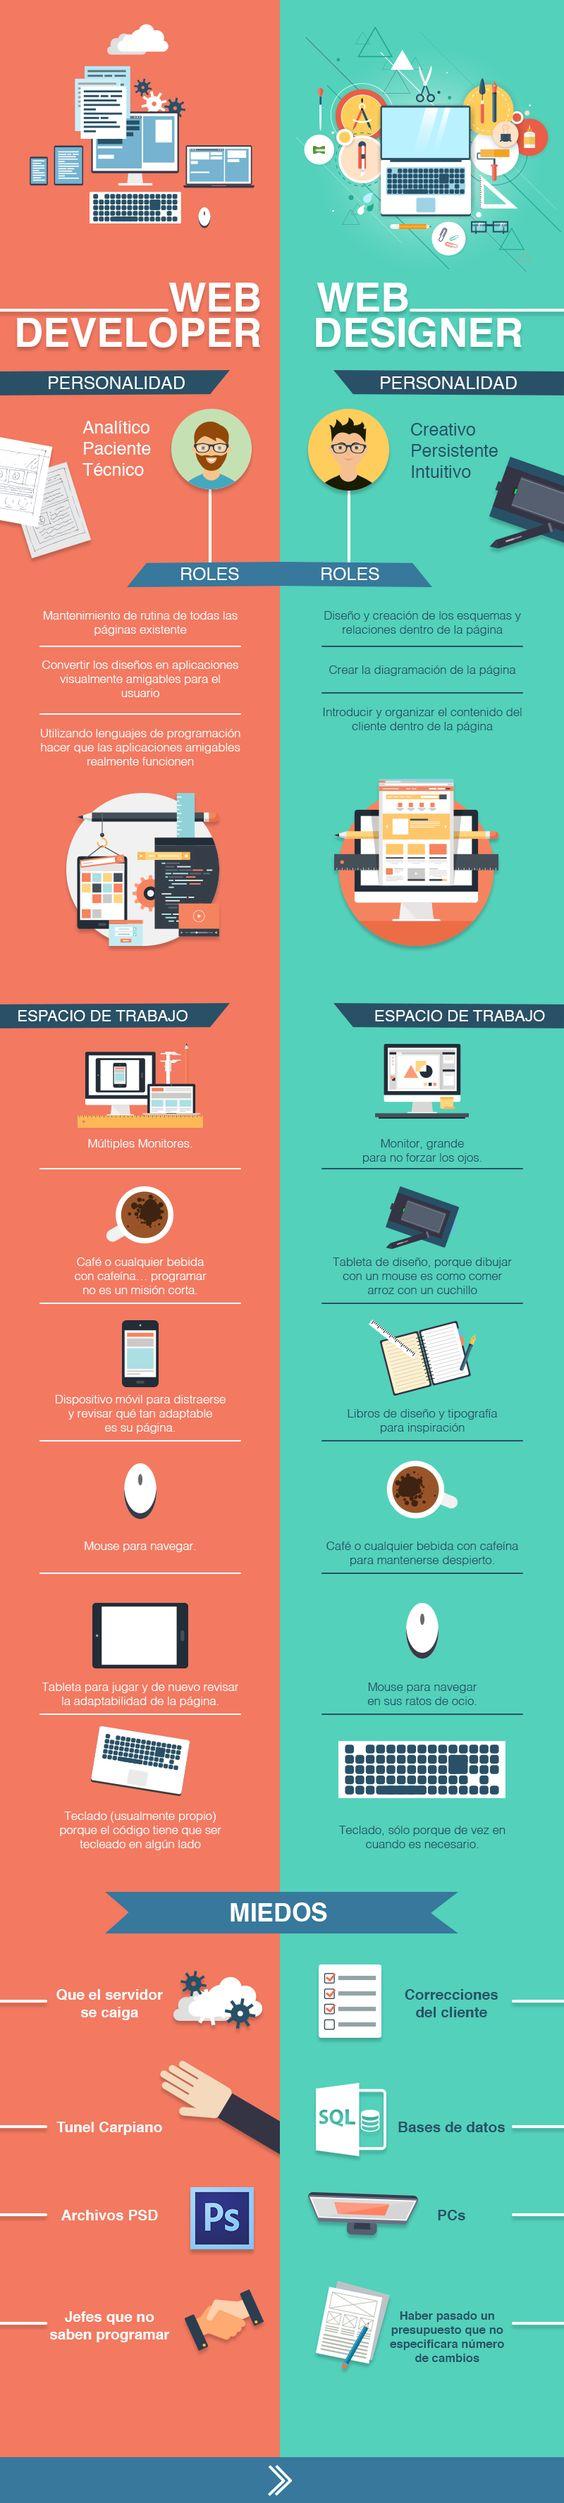 Diferencias entre un desarrollador y un diseñador web #infografia #infographic #design: